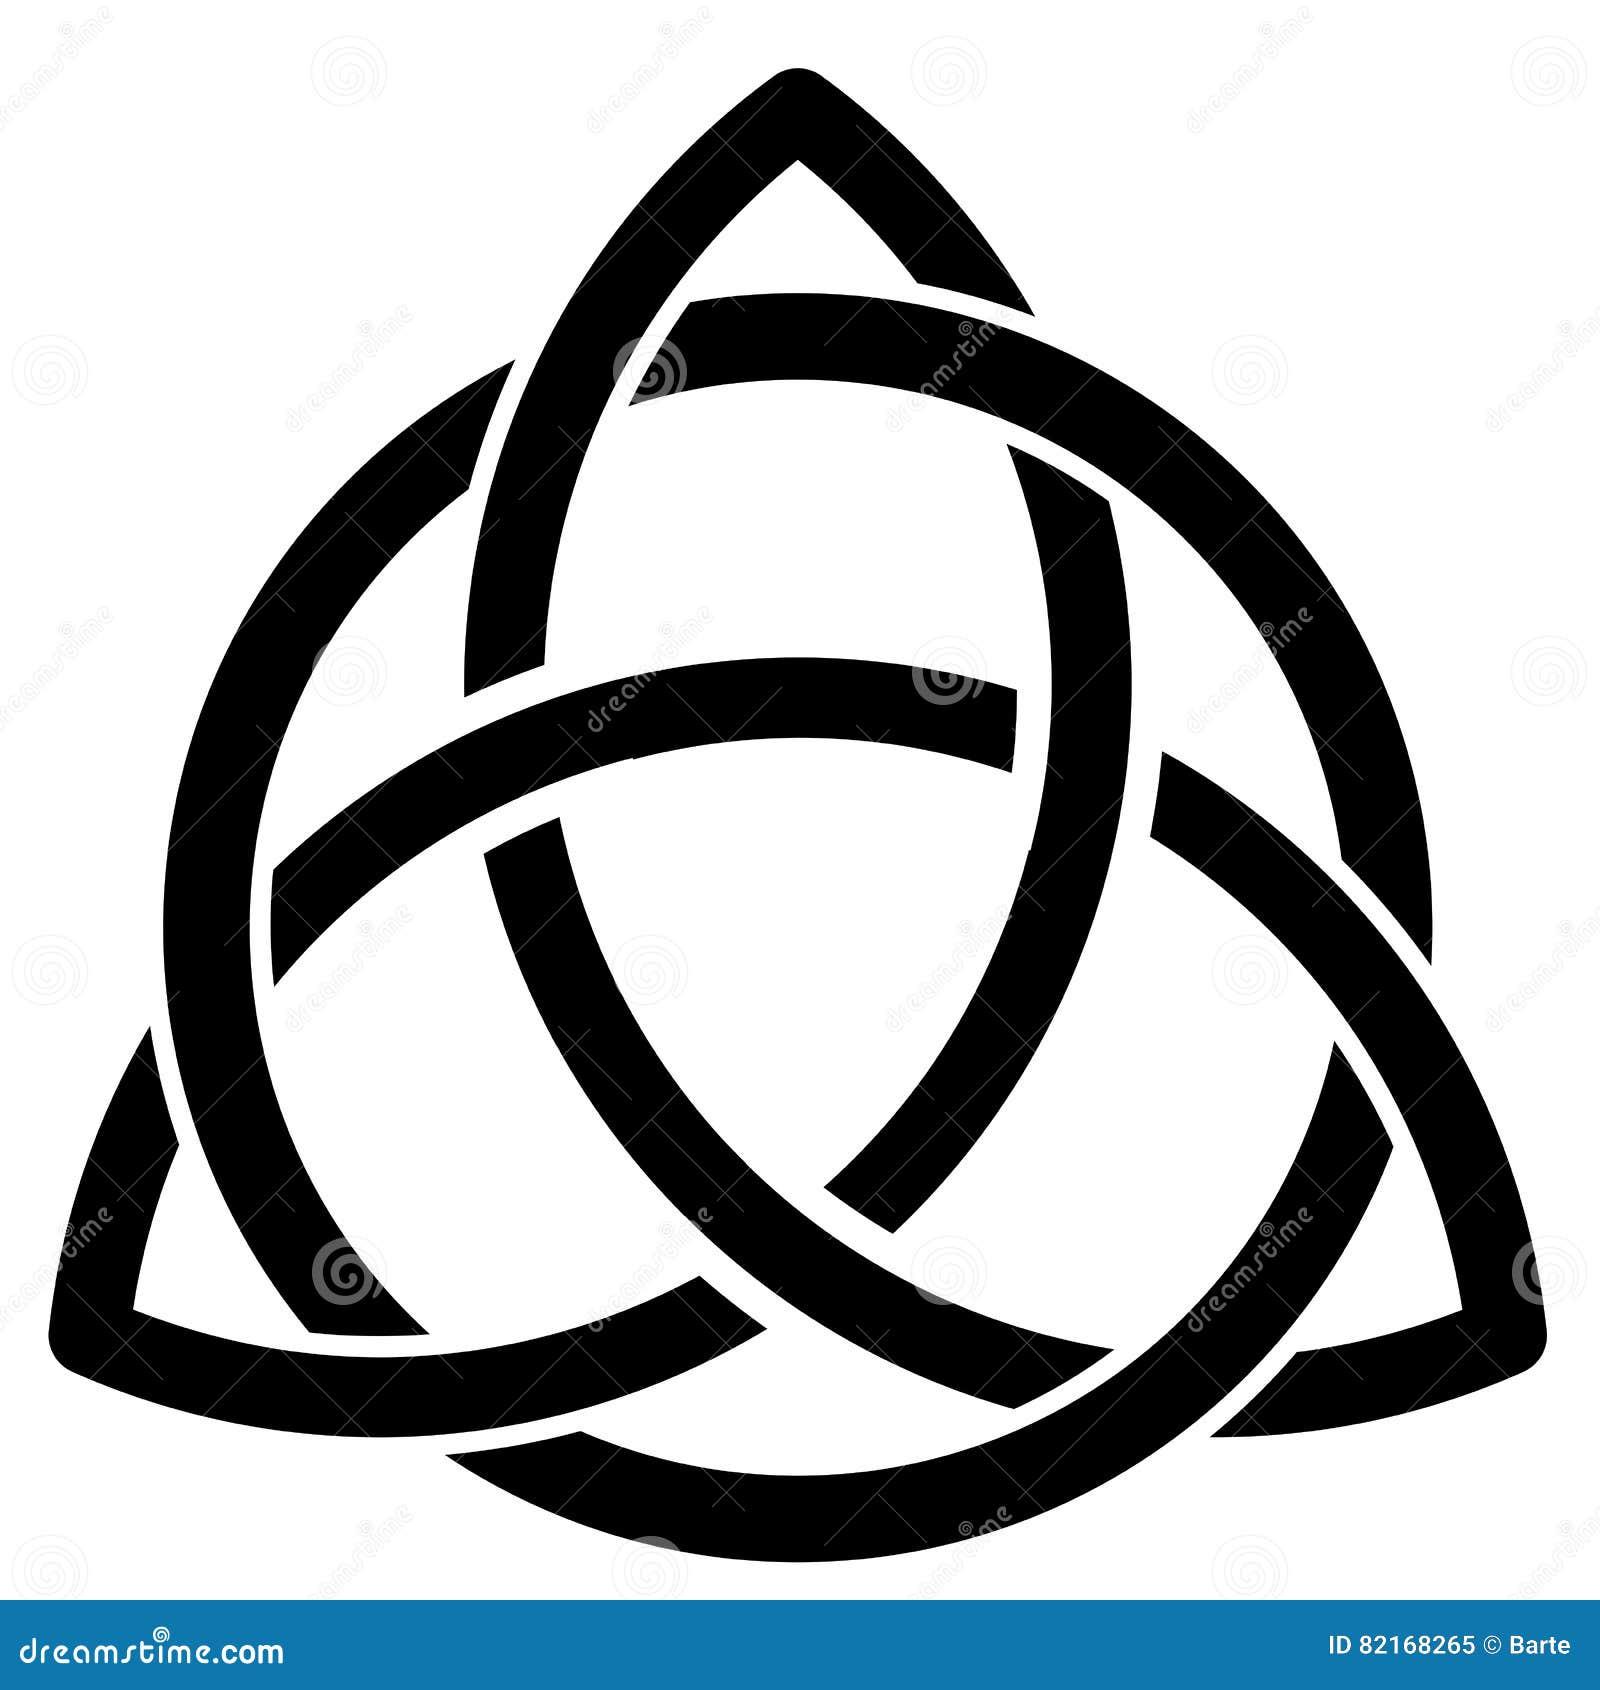 Keltisches Symbol Auf Weiß Vektor Abbildung Illustration Von Weiß